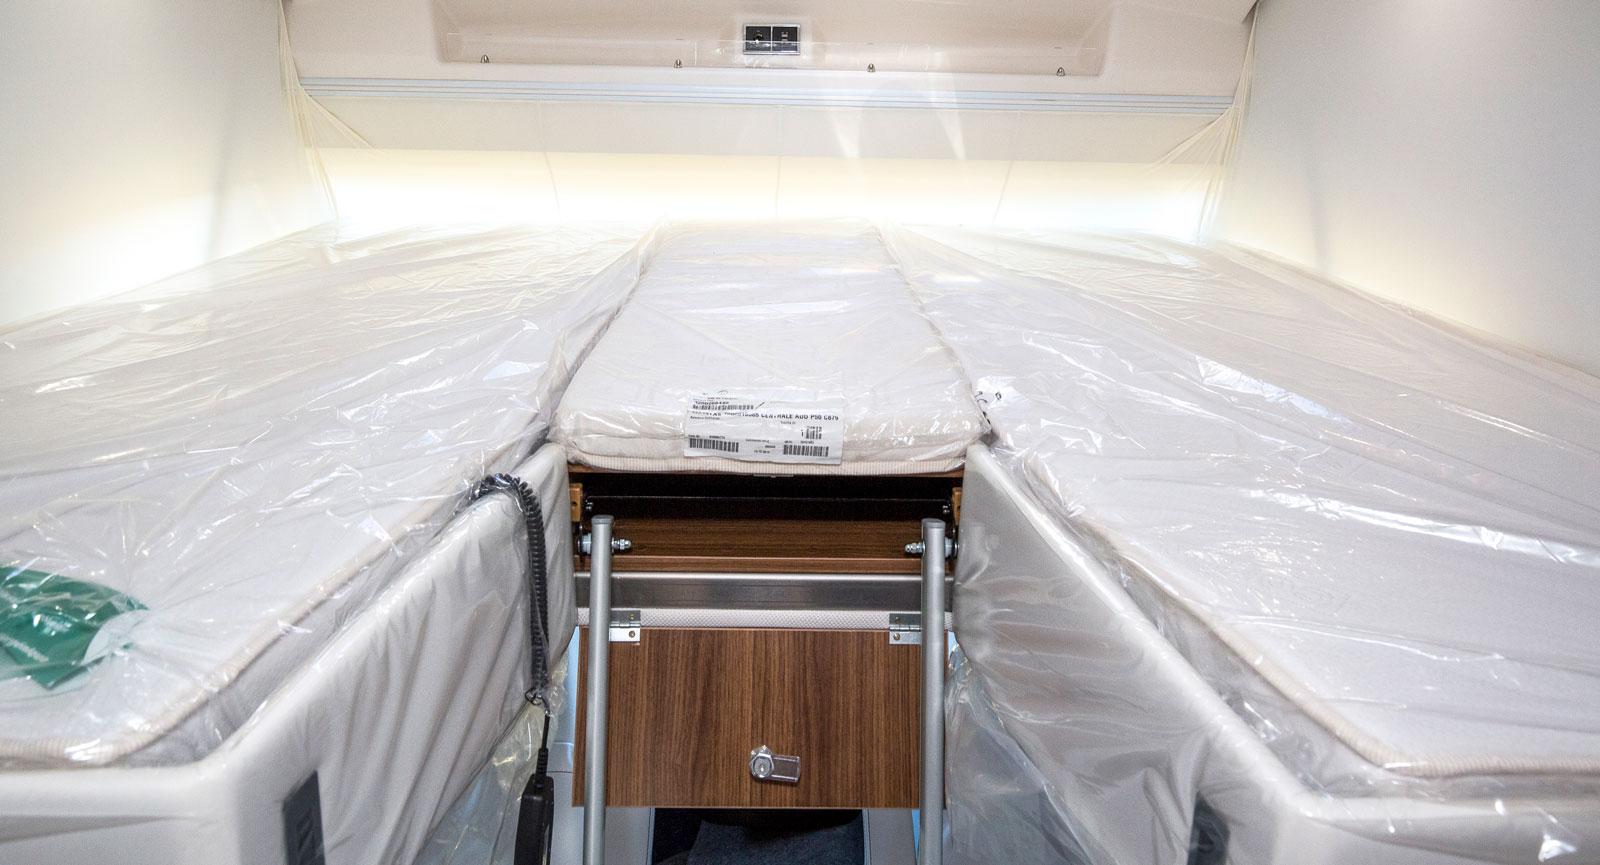 Sängens liggkomfort är i toppklass. Det finns förvaringsfack, eluttag och möjlighet att titta på tv. Stegen har breda fotsteg.